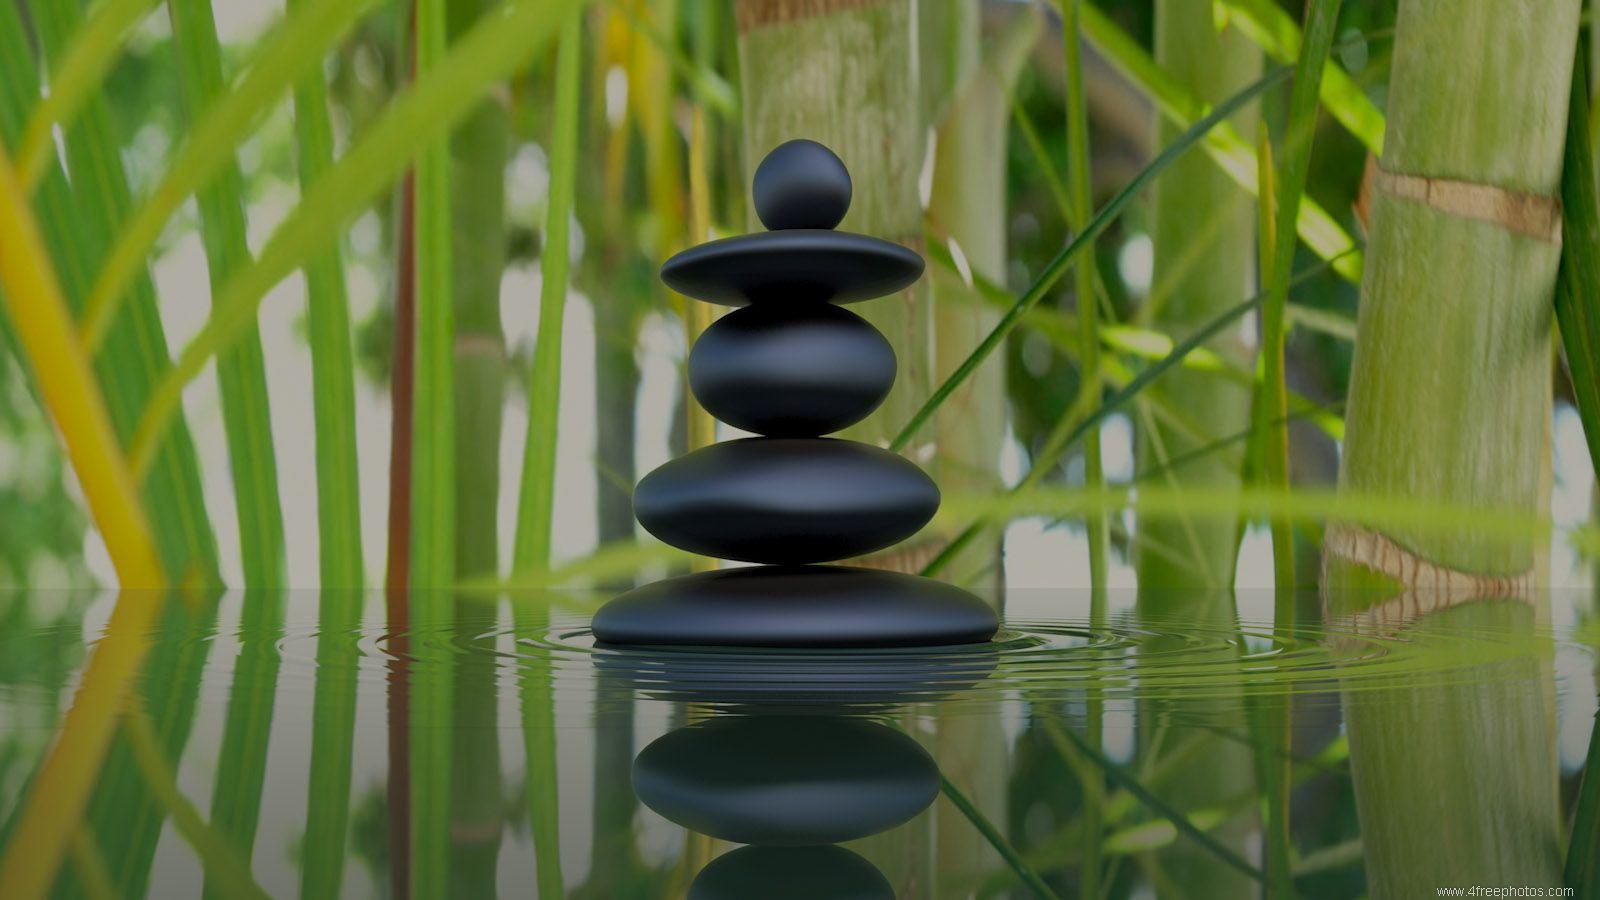 Bamboo and zen stones wallpaper | Wallpaper Wide HD | Zen ...